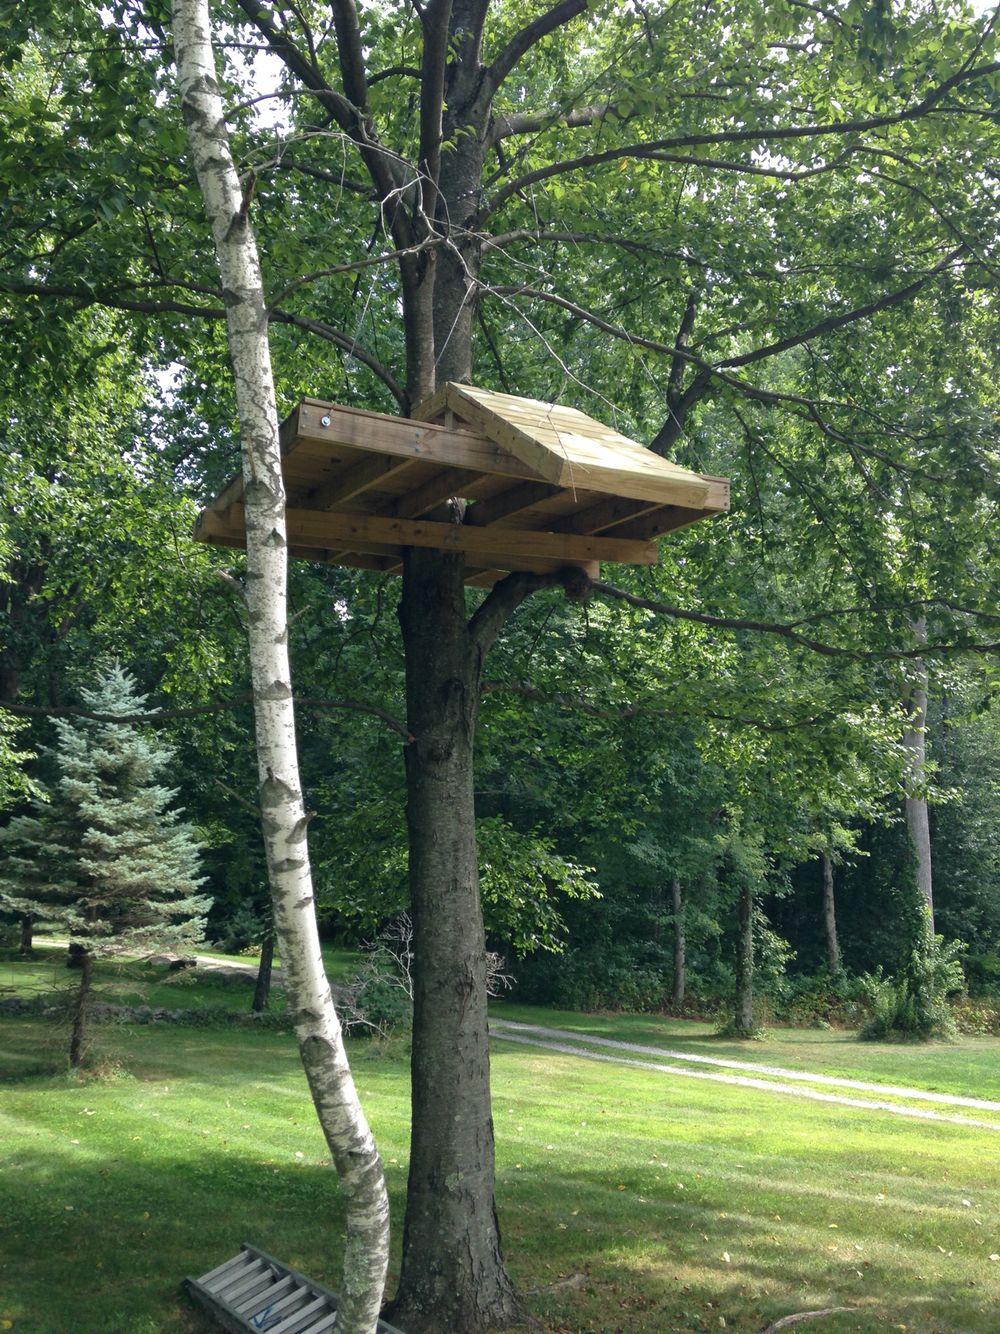 Zip line landing platform | Zip line backyard, Ziplining ...